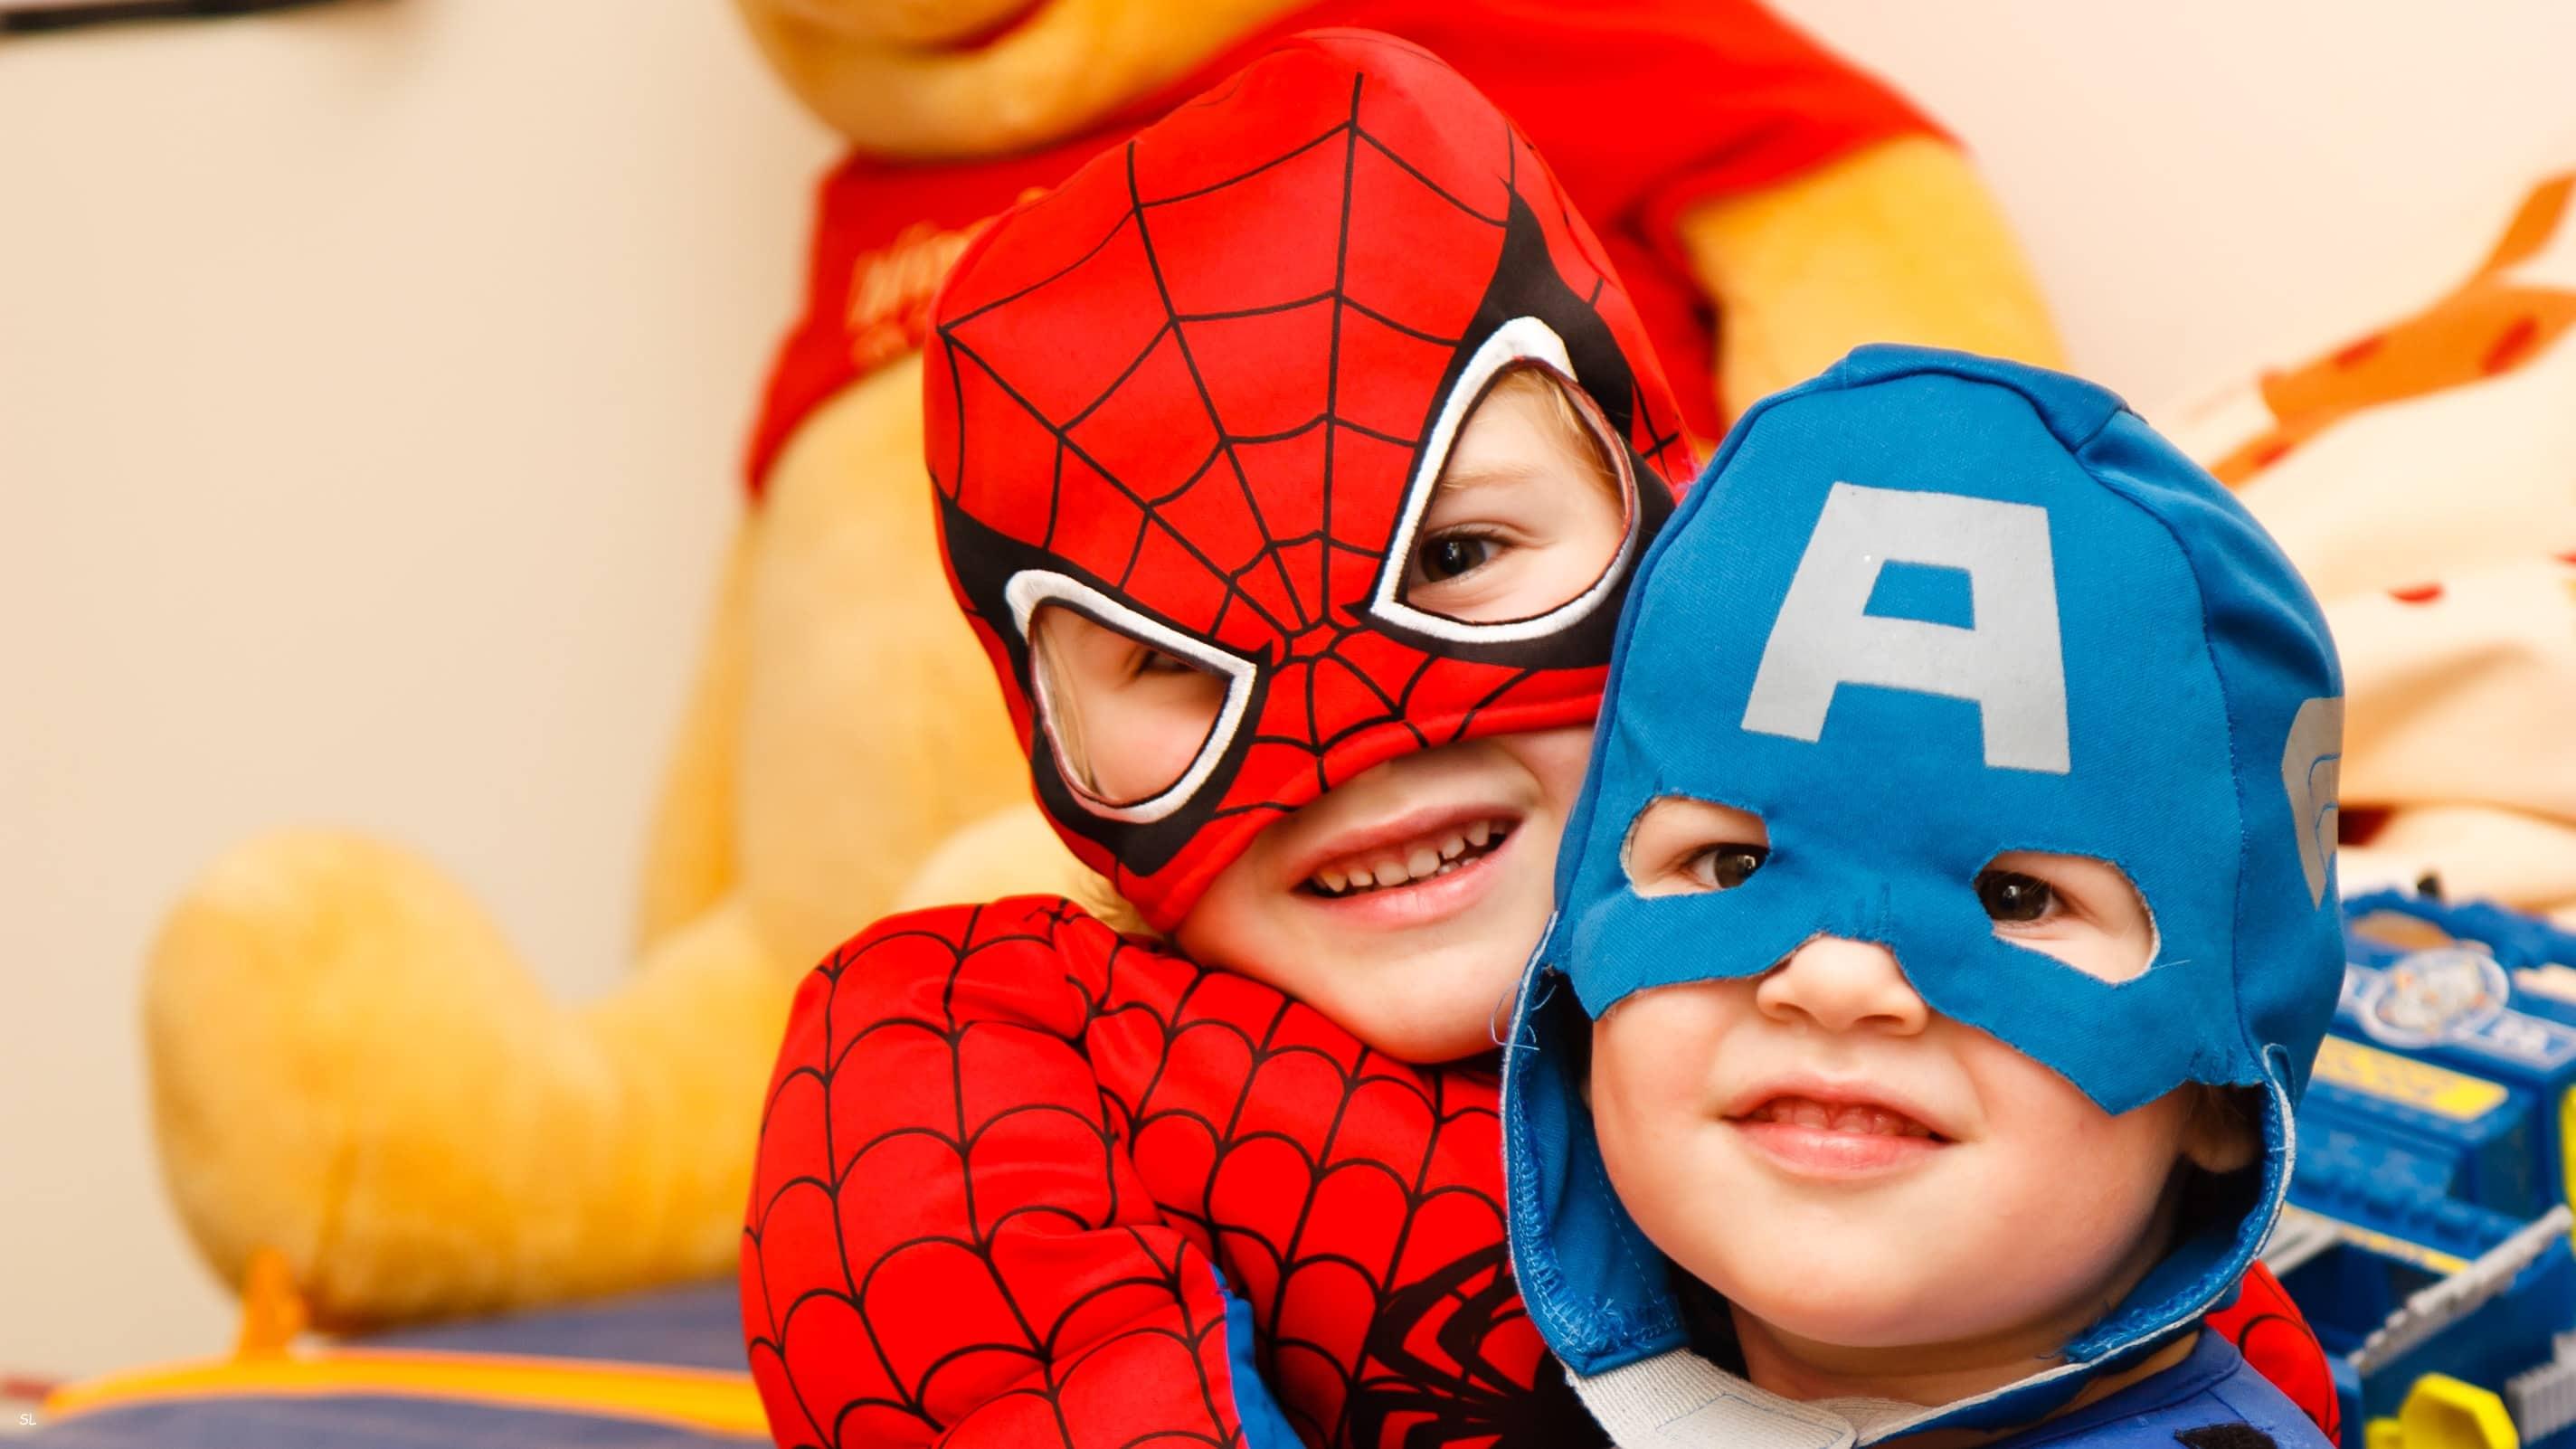 Blackfriday : top 10 des cadeaux pour les enfants de moins de 10 ans 1